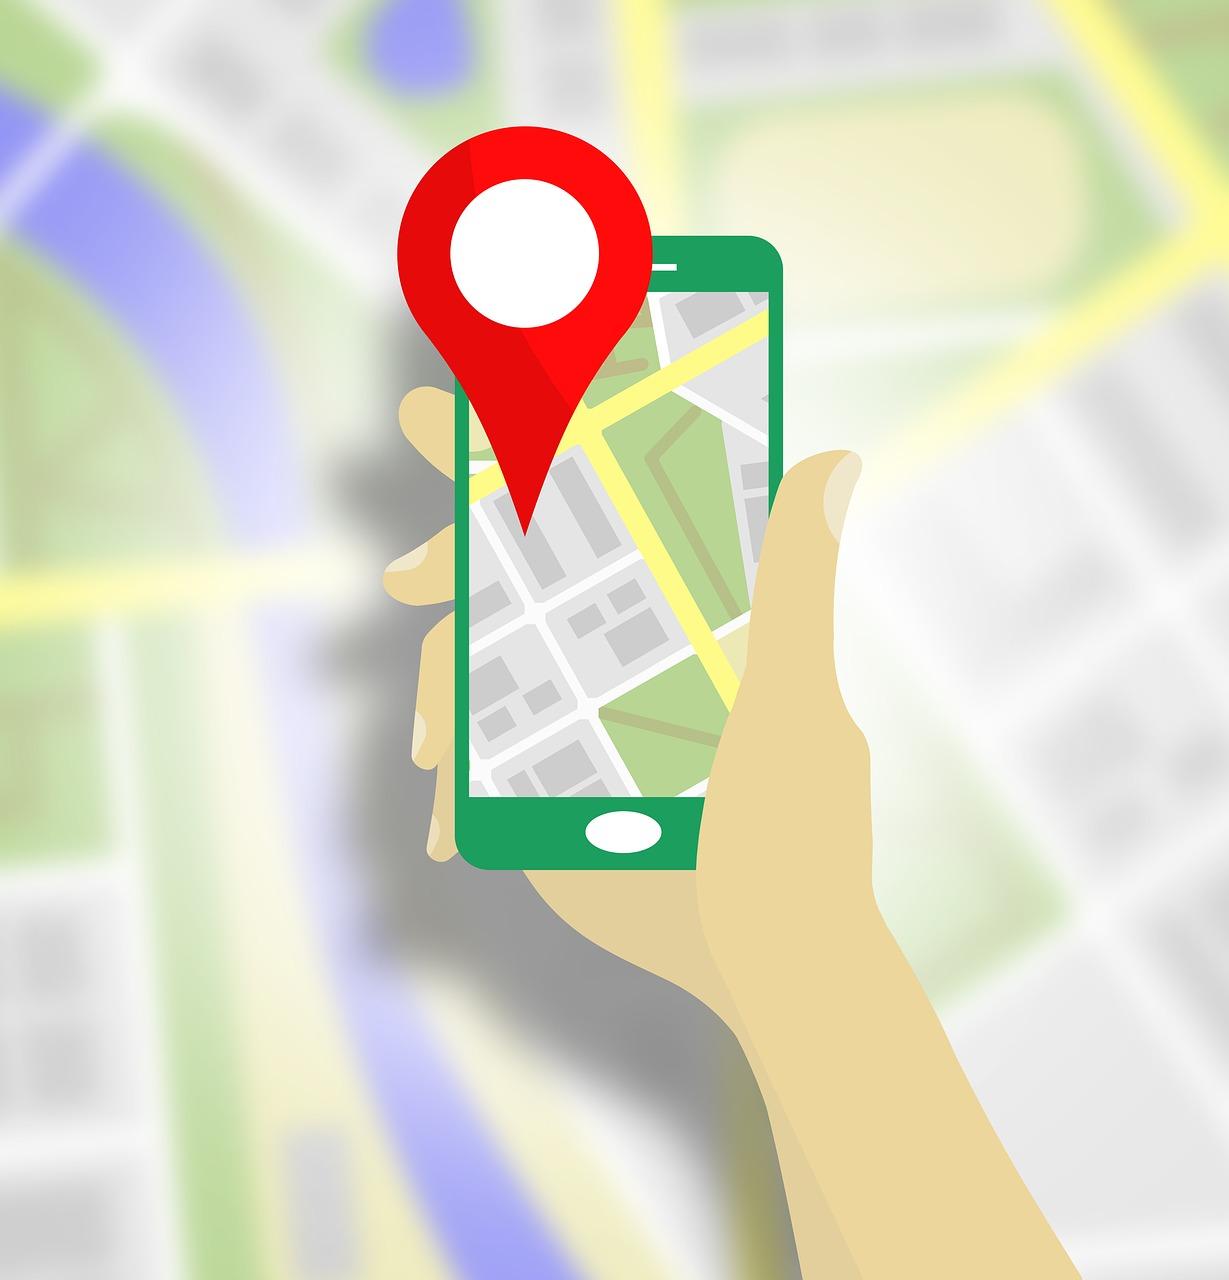 أفضل تطبيقات تحديد المواقع والإحداثيات للأندرويد